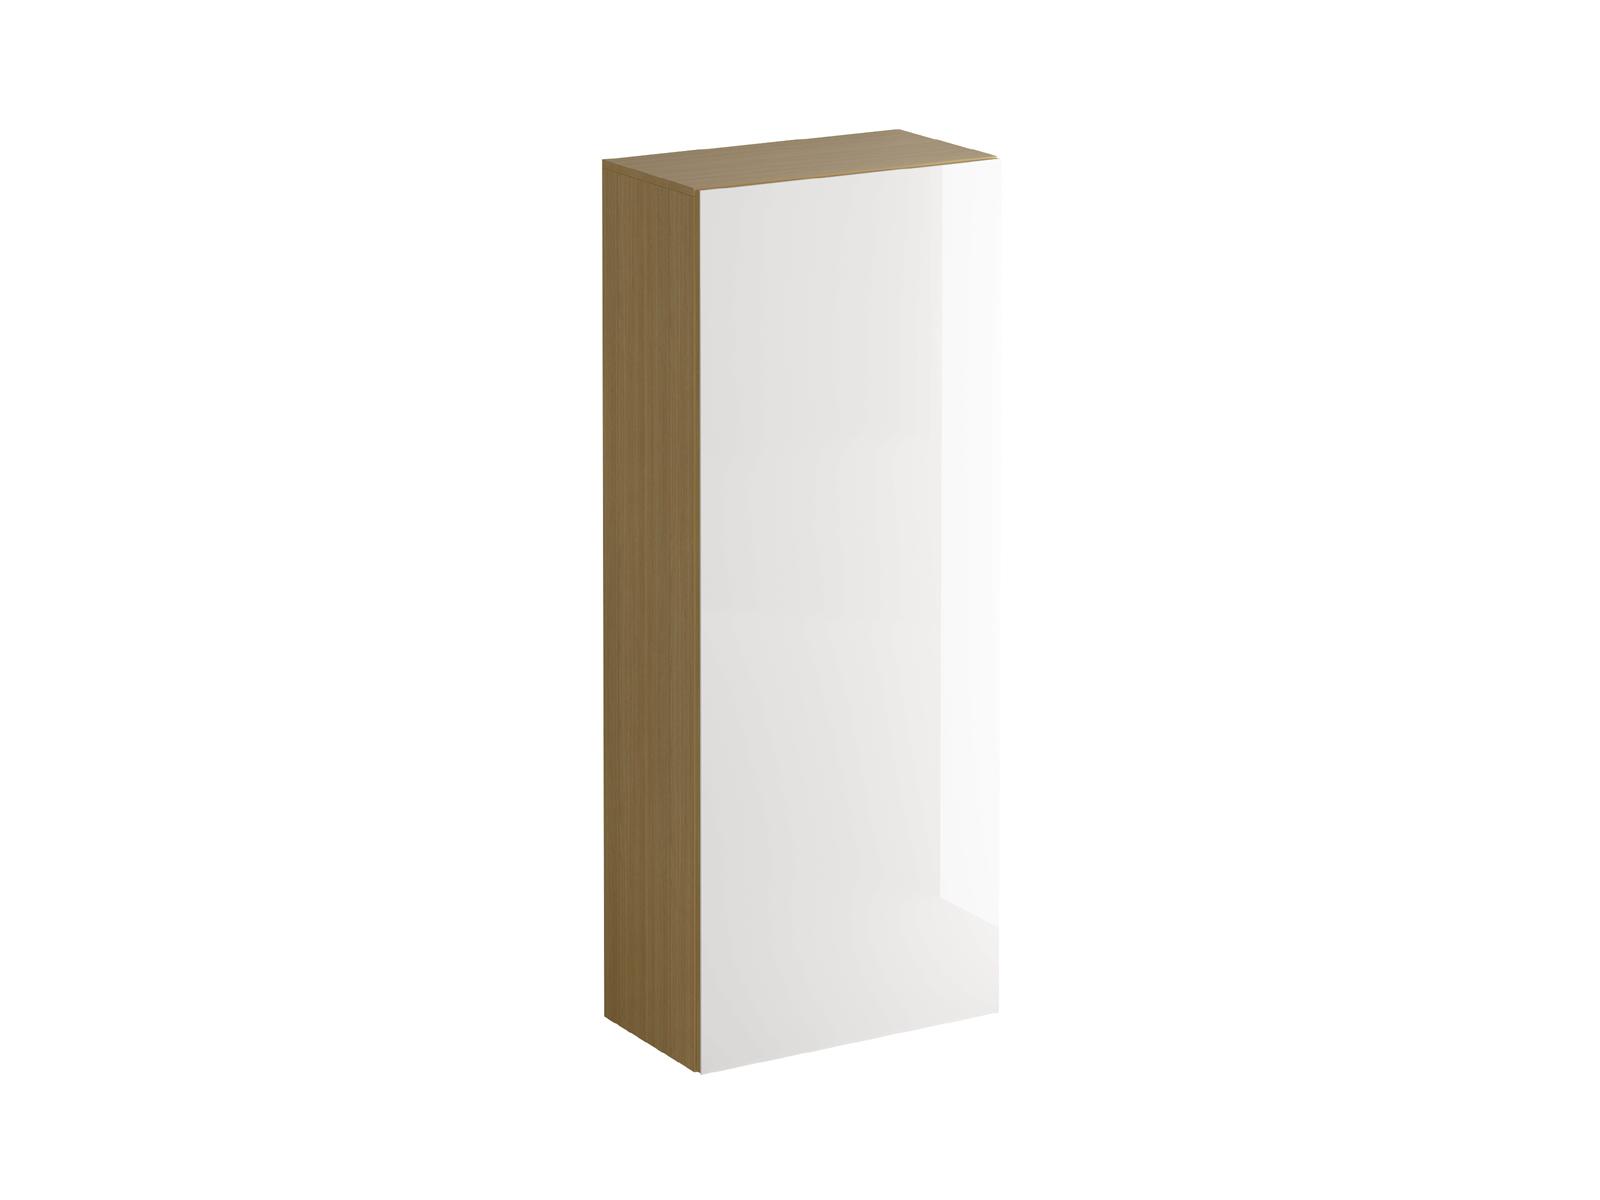 Шкаф для одежды GustoПлатяные шкафы<br>&amp;lt;div&amp;gt;Шкаф имеет два отделения. Верхняя стационарная полка образует отделение для хранения головных уборов. В нижнем отделении установлена выдвижная штанга для хранения верхней одежды. Распашная дверь открывается по принципу «нажал-открыл».&amp;amp;nbsp;&amp;lt;/div&amp;gt;&amp;lt;div&amp;gt;&amp;lt;br&amp;gt;&amp;lt;/div&amp;gt;&amp;lt;div&amp;gt;Материалы:&amp;lt;/div&amp;gt;&amp;lt;div&amp;gt;Корпус и фасад: ЛДСП 16 мм.&amp;lt;/div&amp;gt;&amp;lt;div&amp;gt;Задняя стенка: ДВПО 3 мм.&amp;lt;/div&amp;gt;&amp;lt;div&amp;gt;Стекло на фасадах: полированное толщиной 4мм, окрашенное эмалью.&amp;lt;/div&amp;gt;<br><br>Material: ДСП